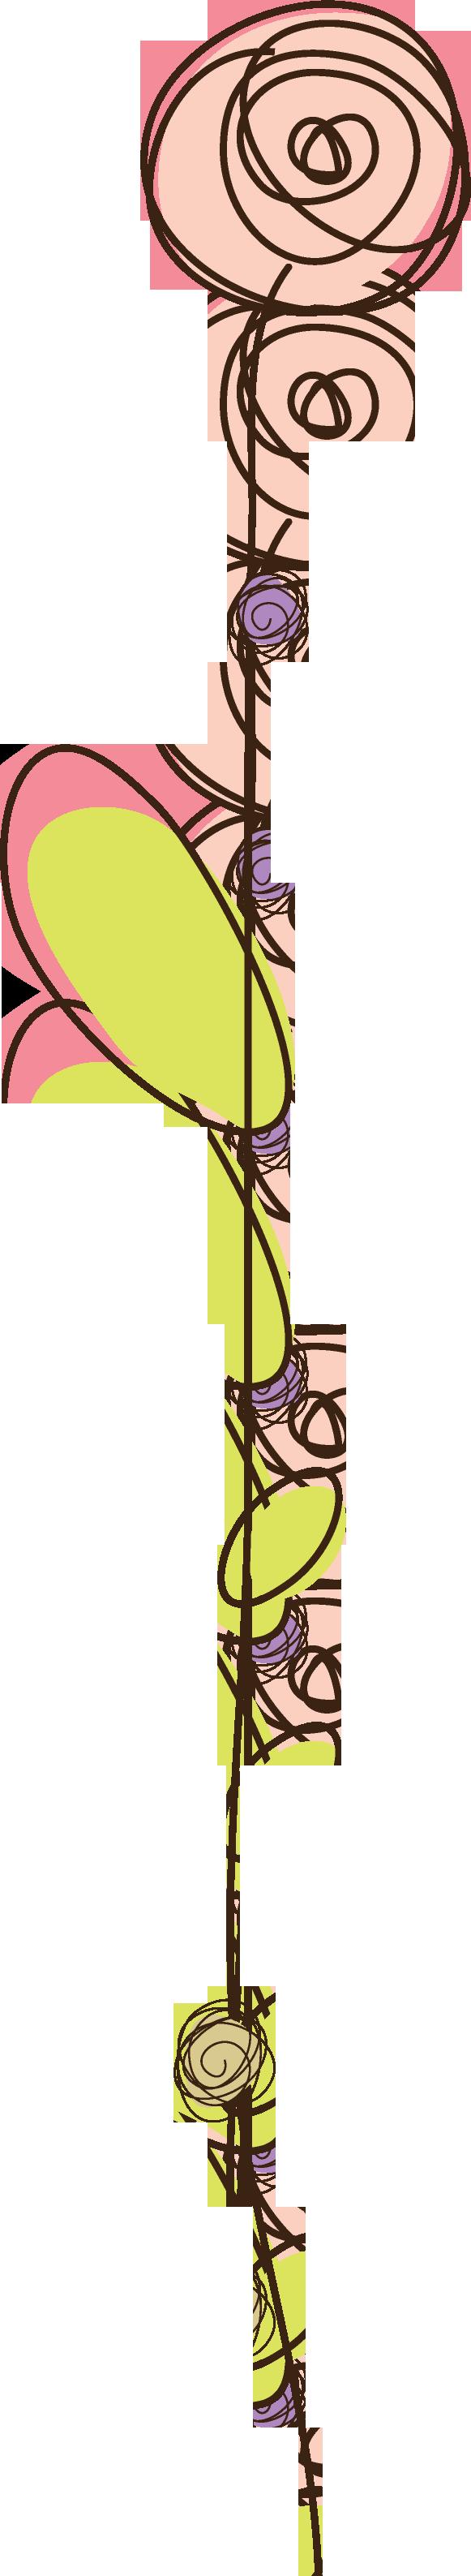 花のイラスト フリー素材 フレーム枠no 376 シンプルフラワーピンク